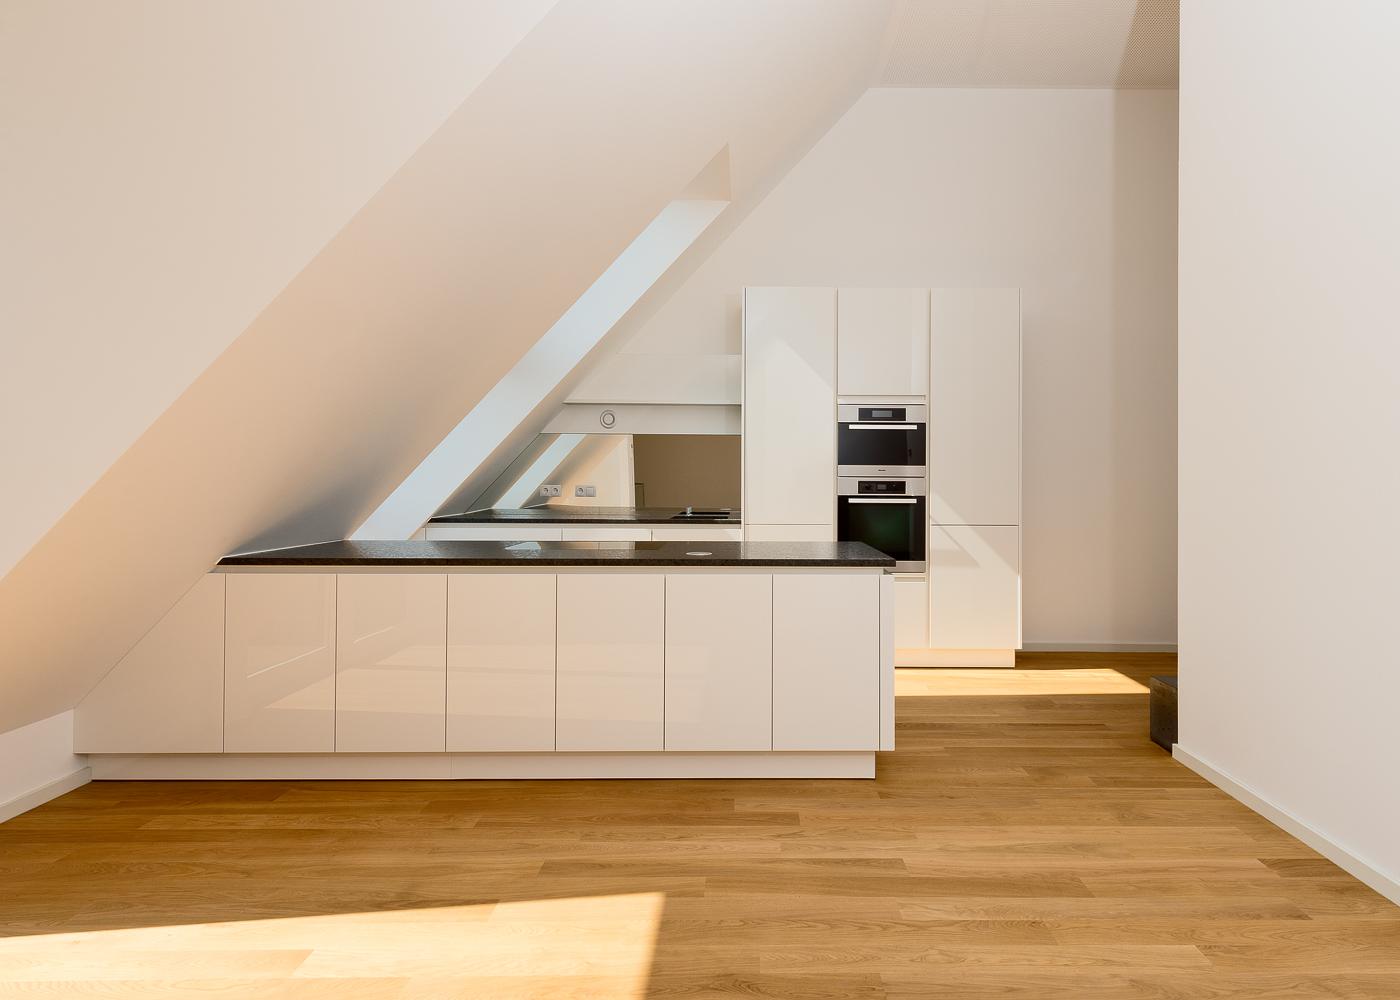 LIEGLER TAKEH ARCHITEKTEN Projekt Haizingergasse Wohnung Küche